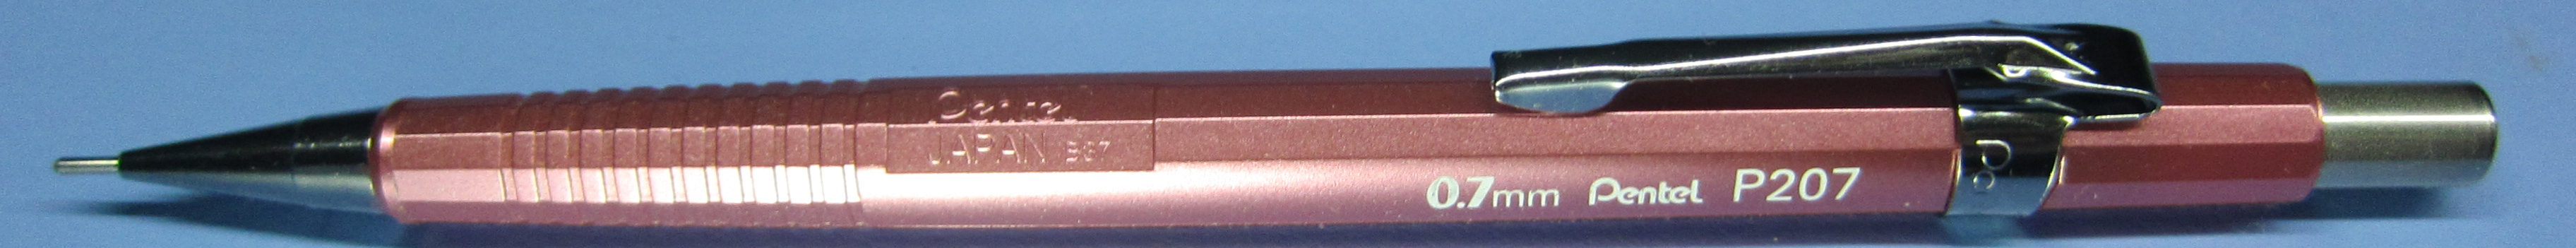 P207M-P1X (Gen 6) - 351